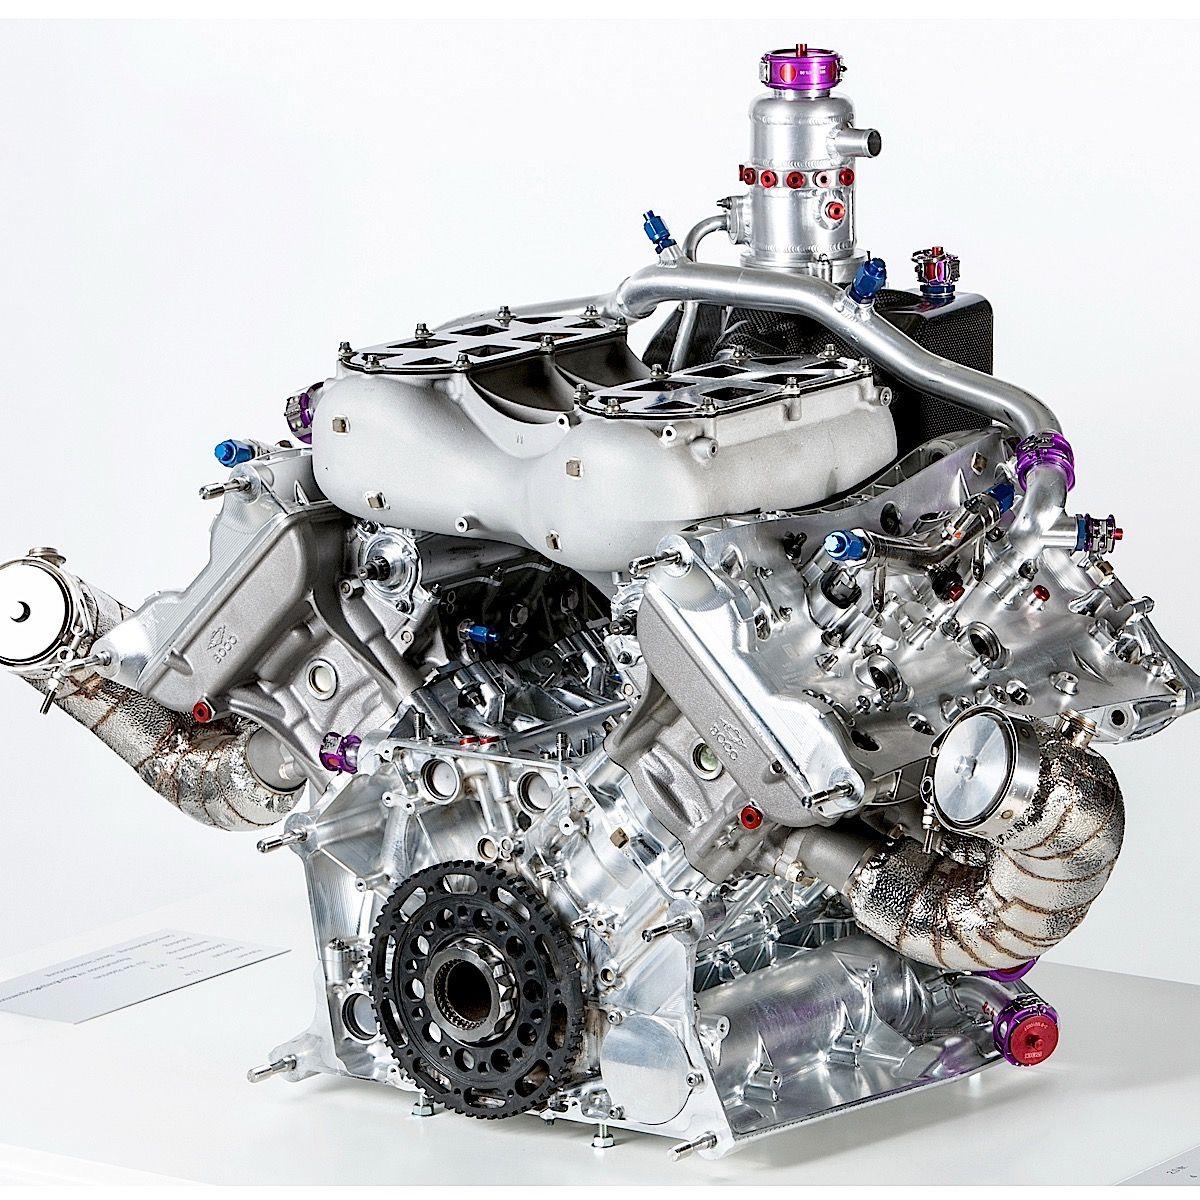 Porsche 911 Gts Engine: Porsche Unveils Turbo V4 From 919 Hybrid